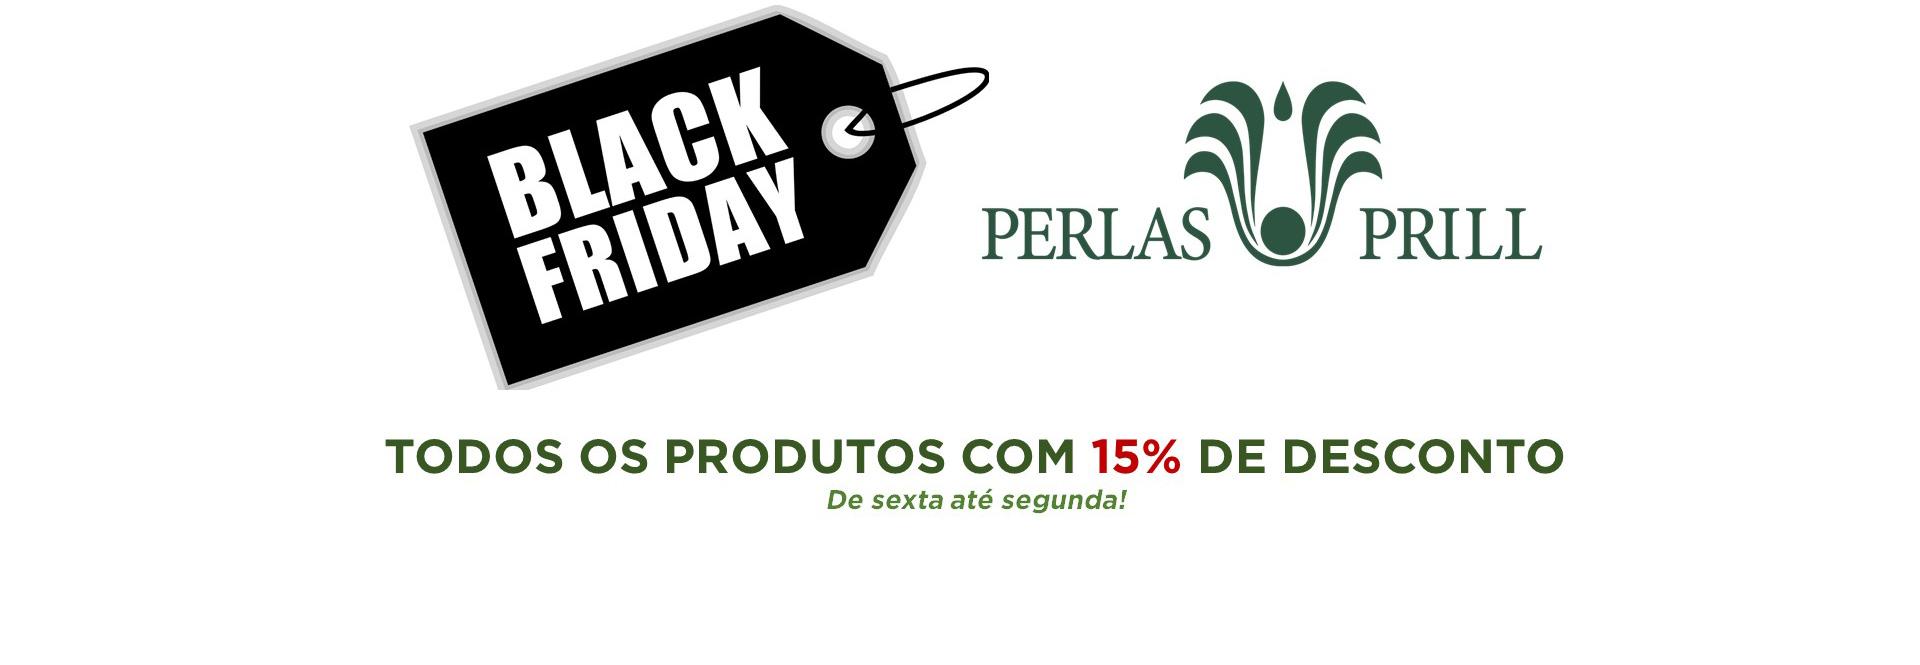 Black Friday - Perlas Prill